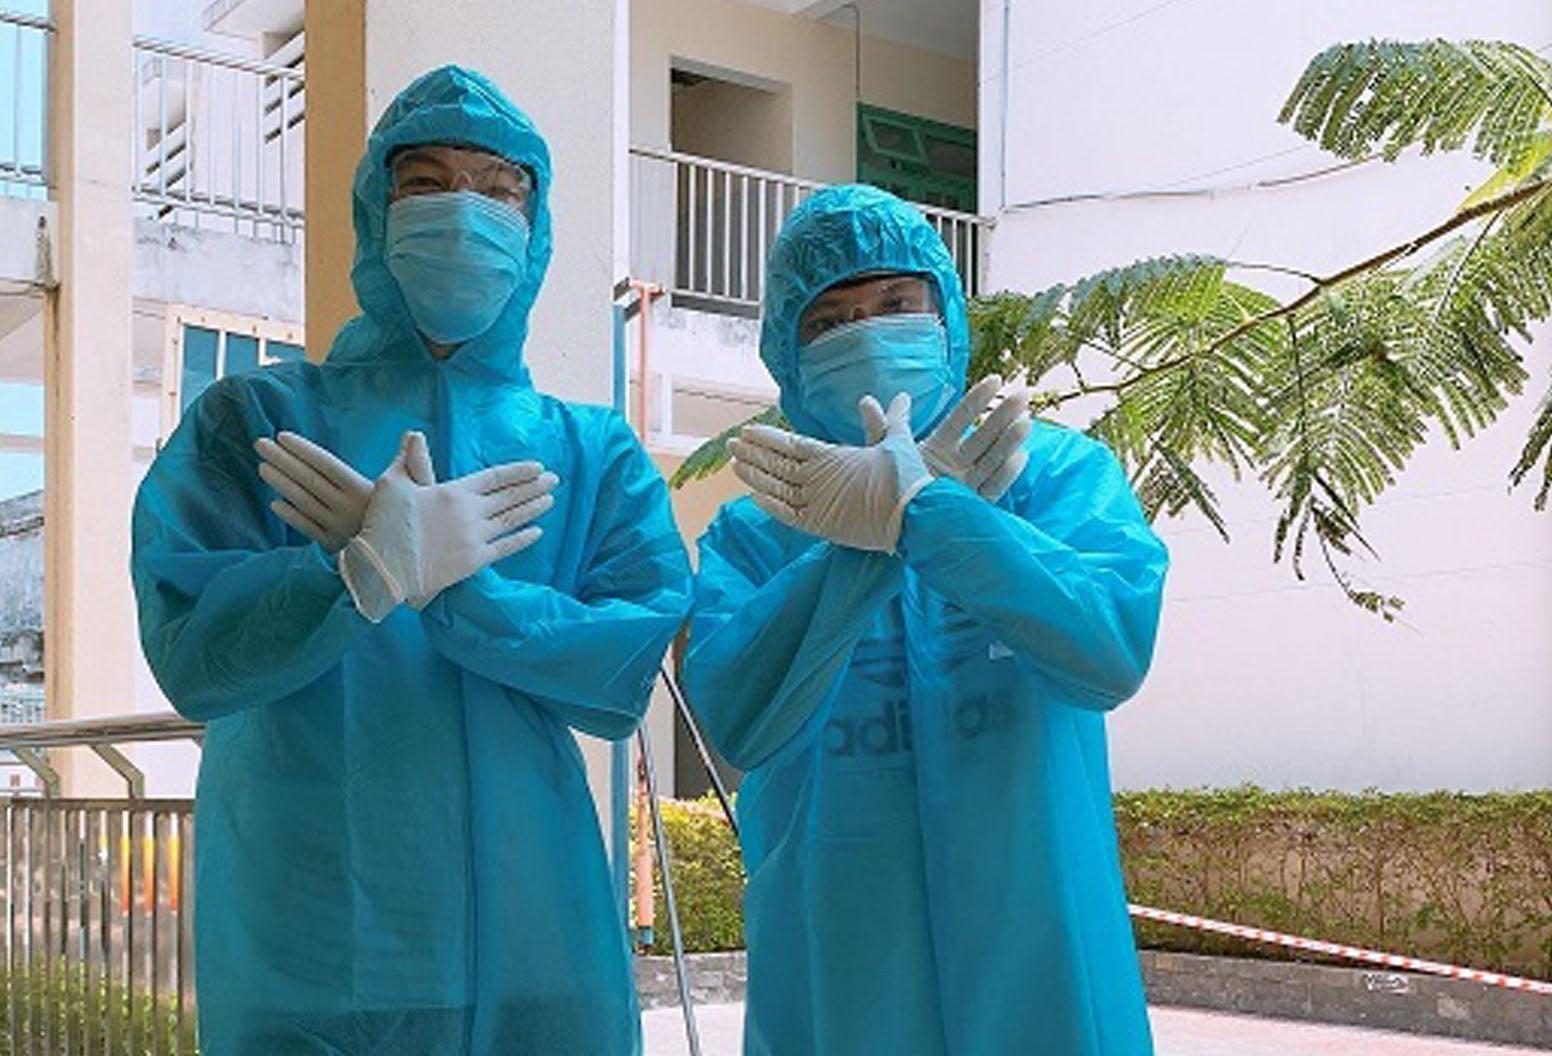 Sinh viên Nguyễn Văn Thành Khoa (bên trái) 2 lần tình nguyện tham gia phòng chống dịch Covid-19. Ảnh: V.S